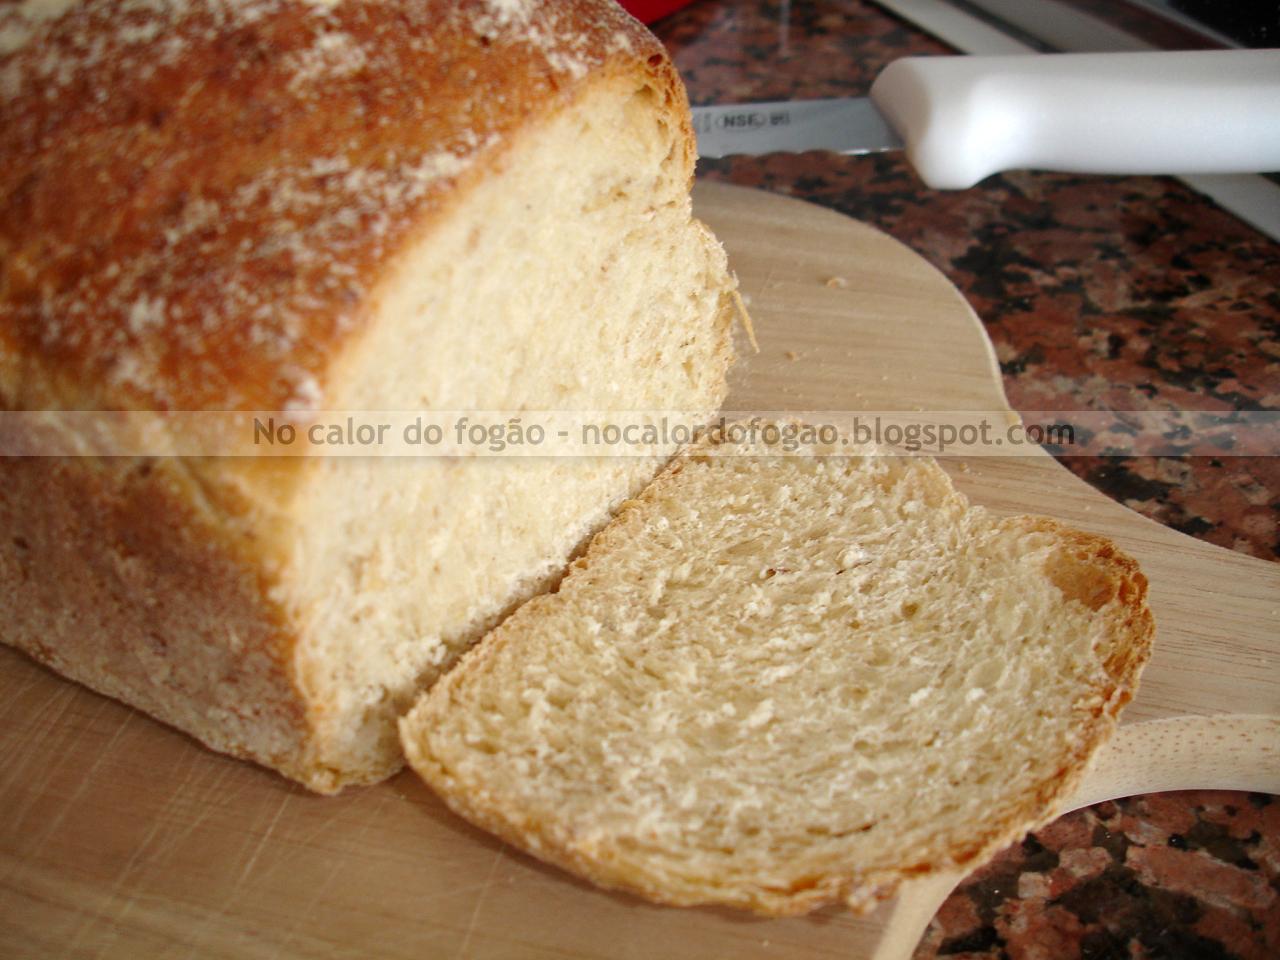 Pão de aveia e soro de iogurte - cortado